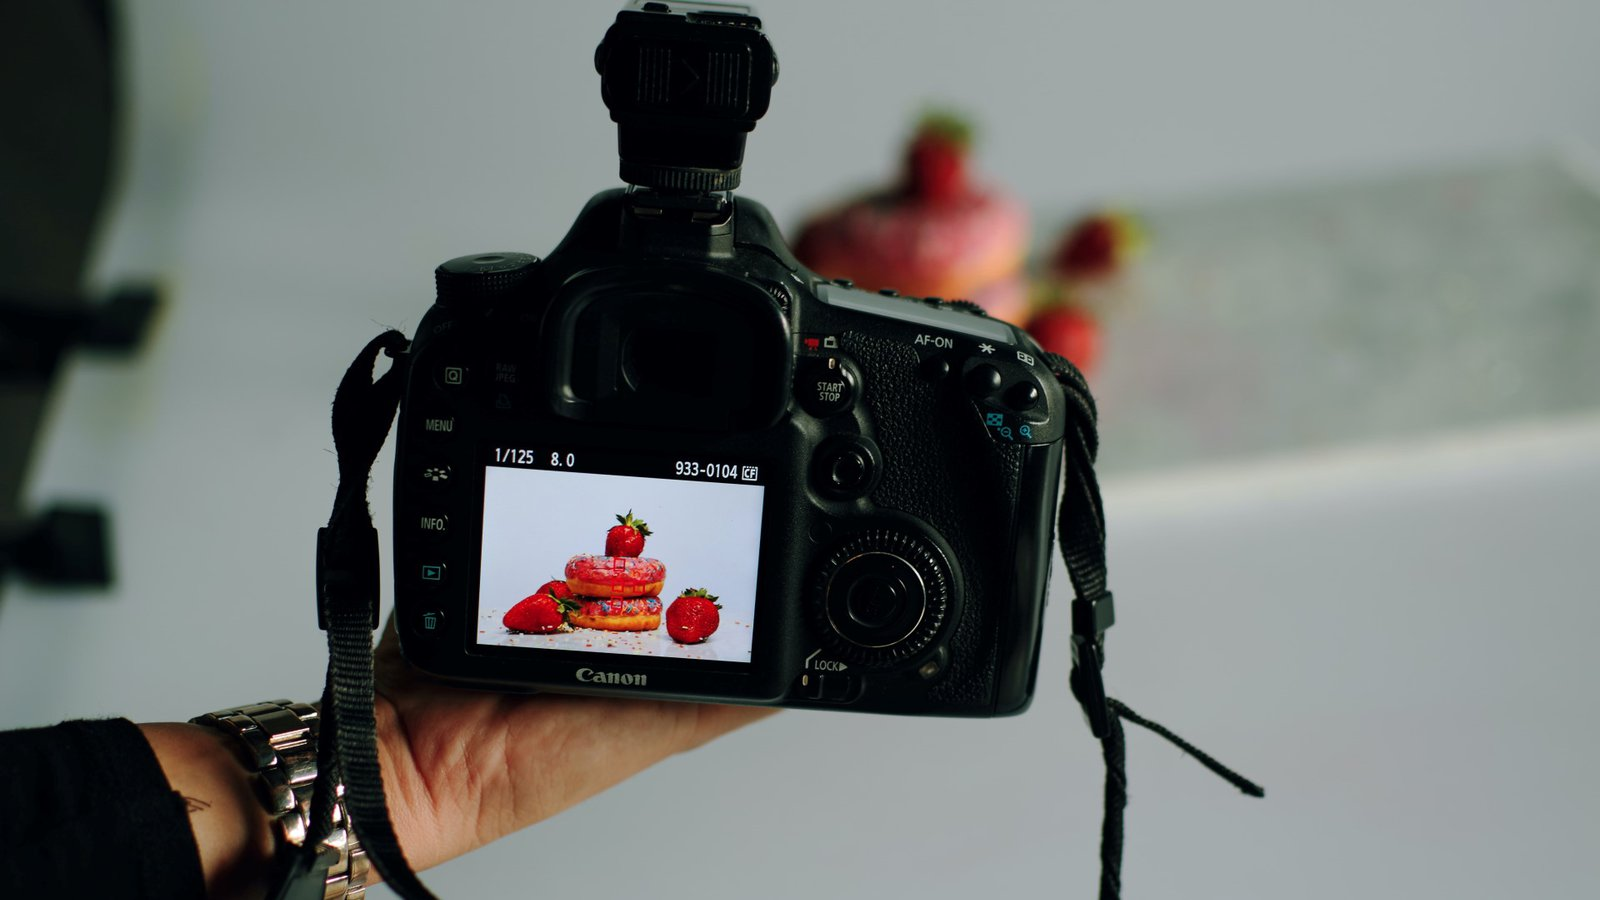 Food-Fotografie: Trends und Tricks für die Gastronomie